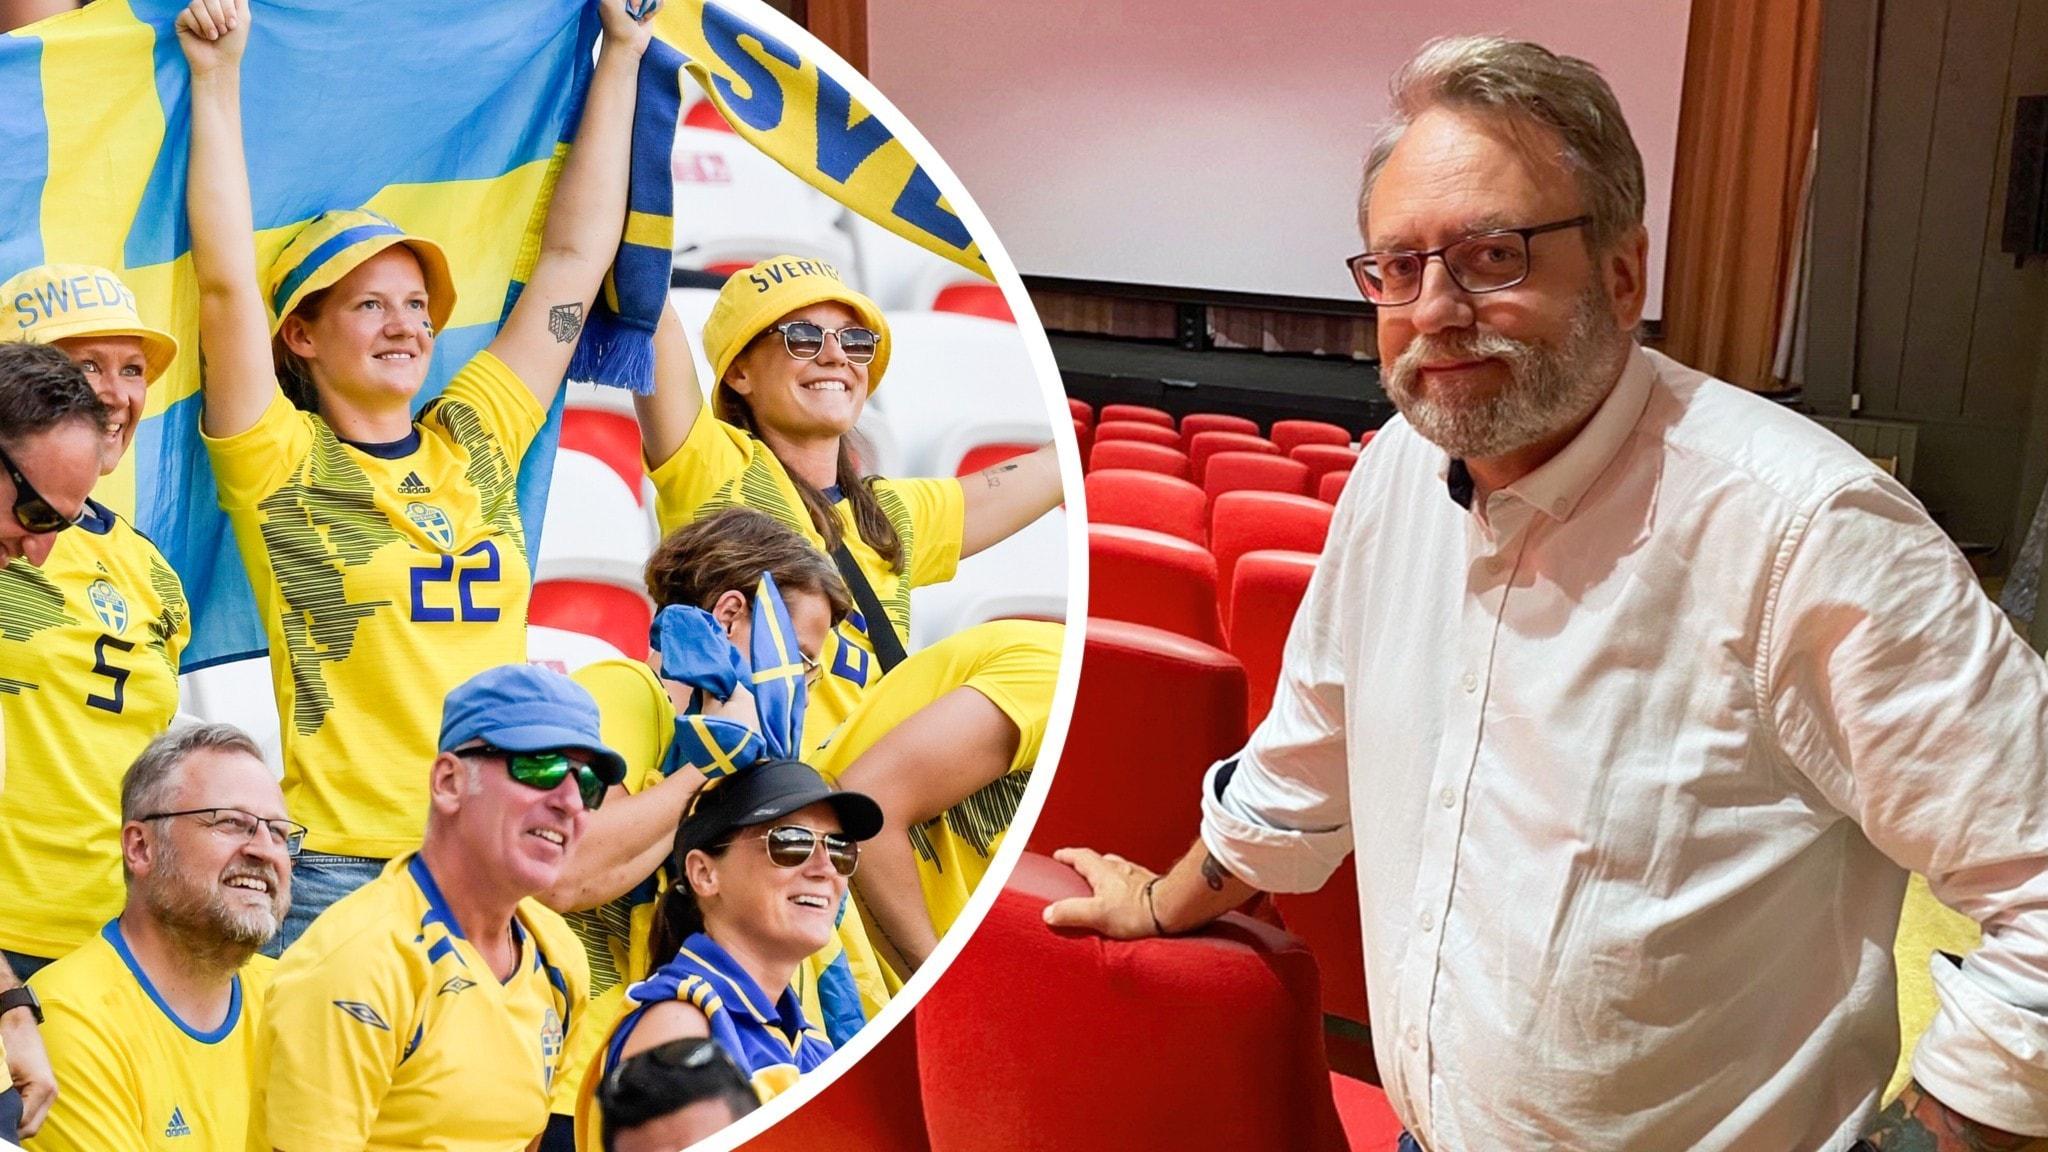 Svenska fans på läktare, en man i en biograf